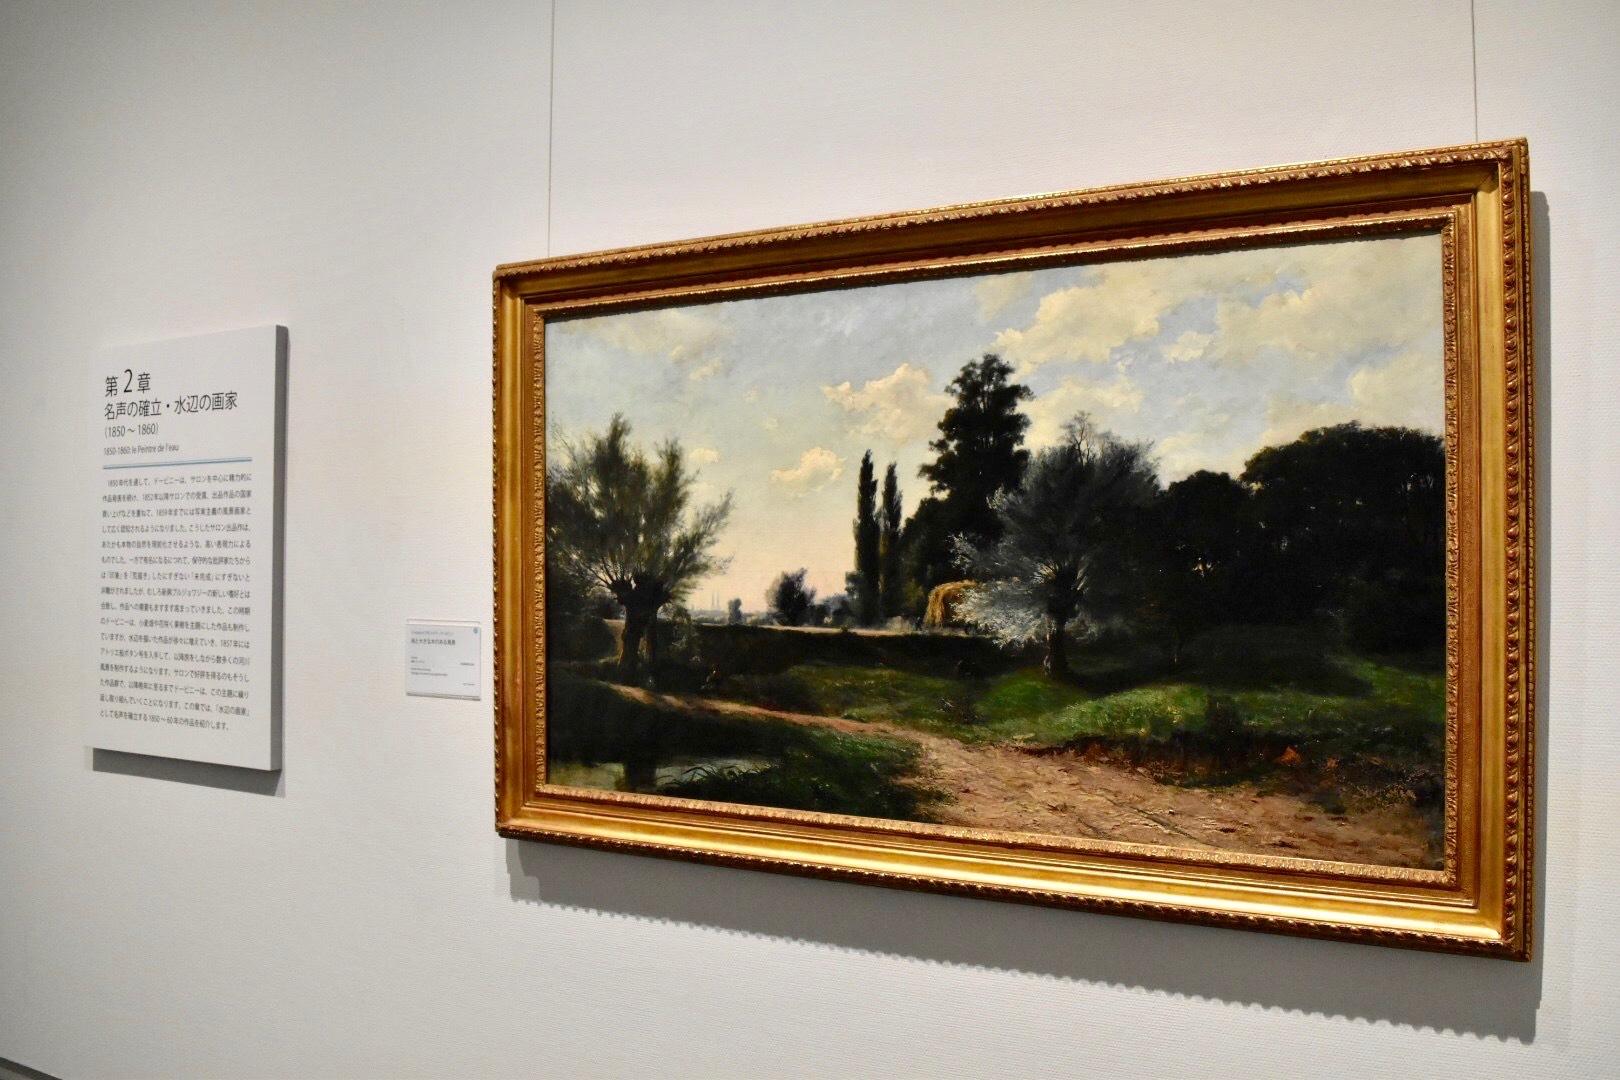 シャルル=フランソワ・ドービニー 《池と大きな木のある風景》 1851年 大成建設株式会社蔵